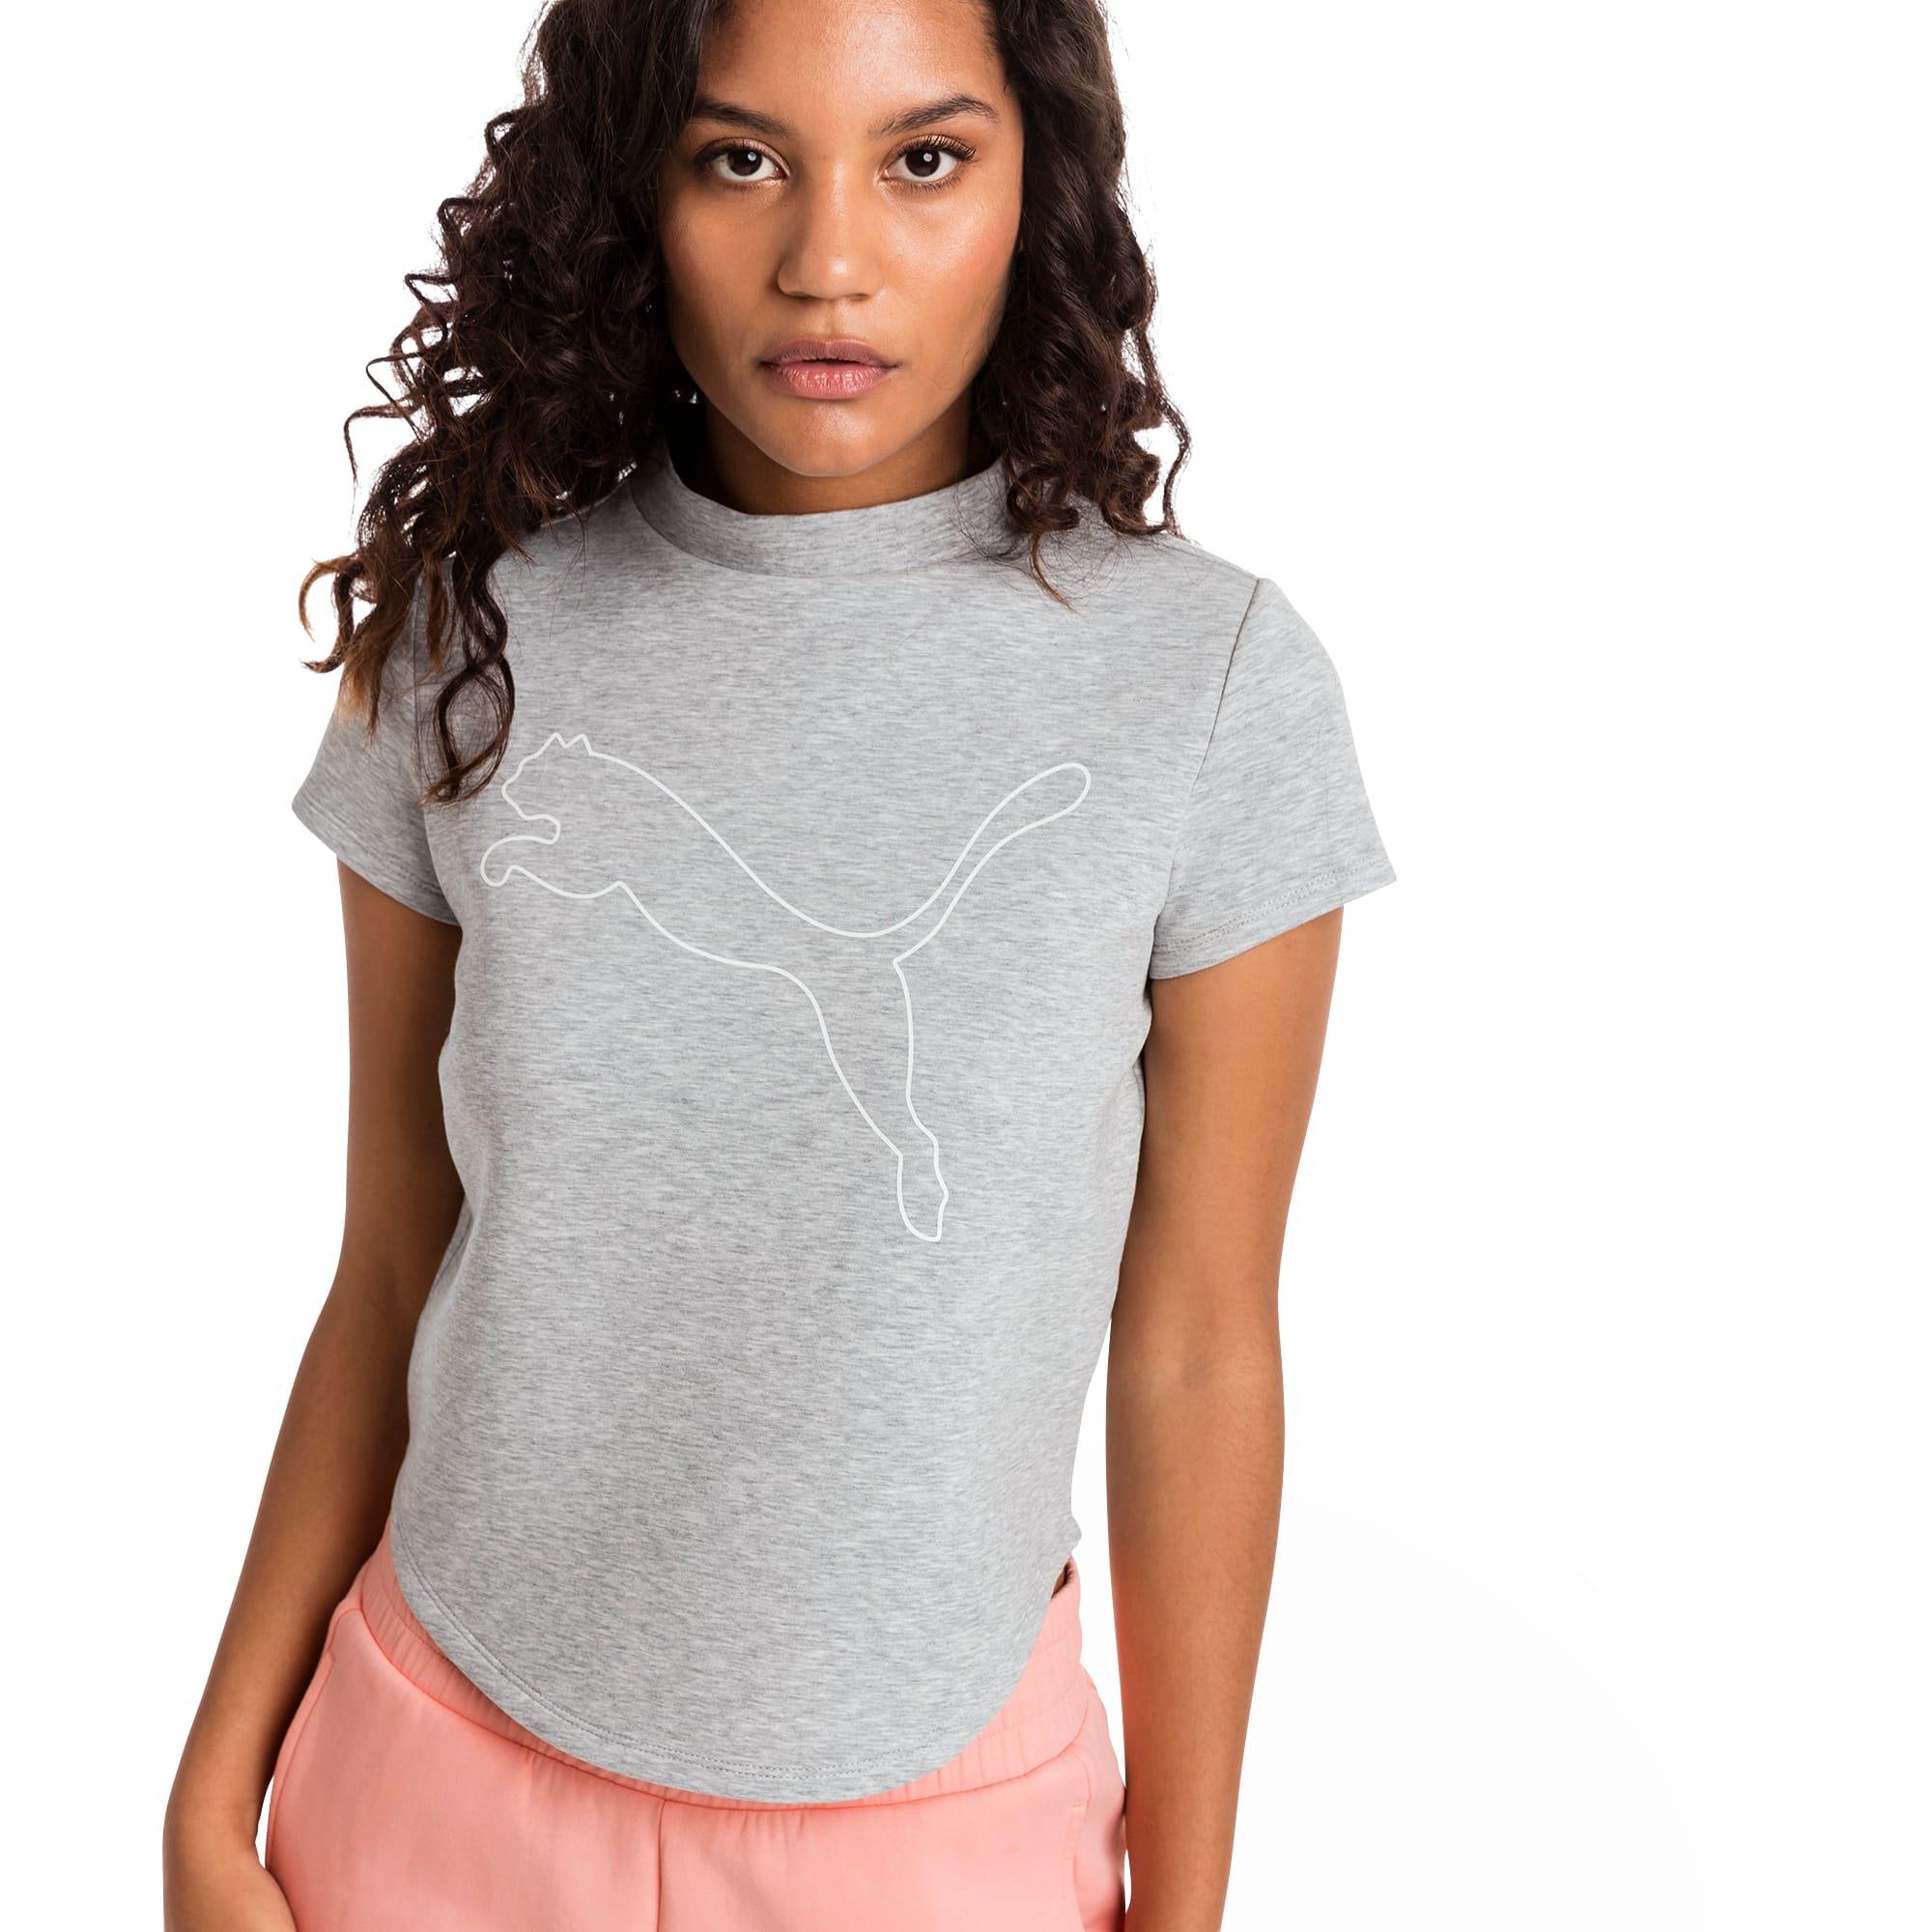 Evostripe Move trænings T shirt til kvinder